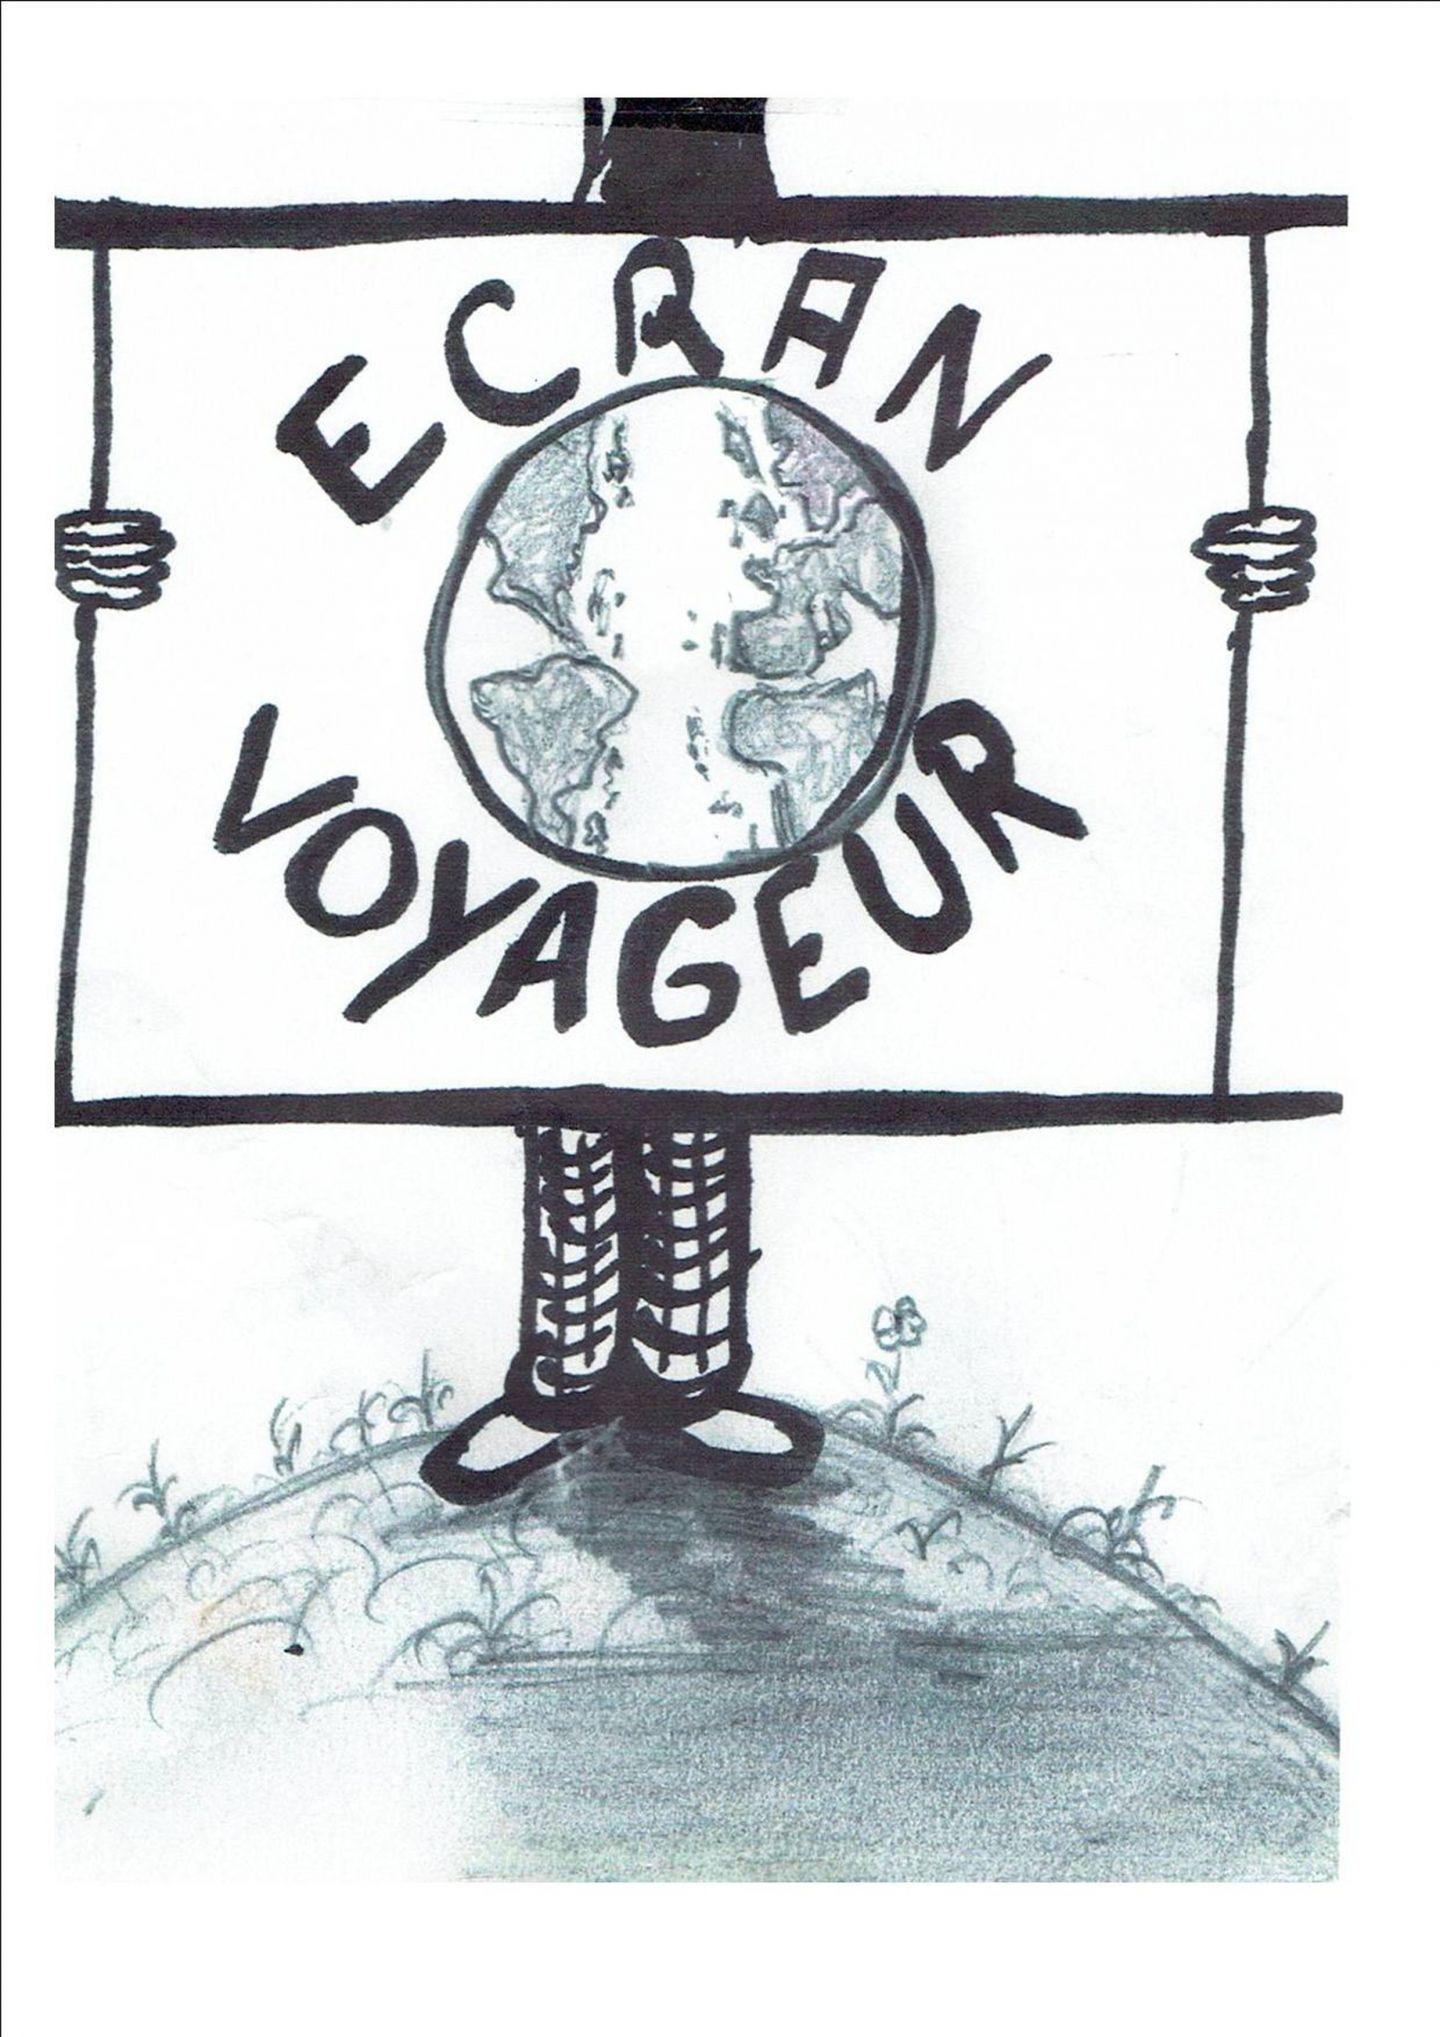 LOGO ECRAN VOYAGEUR OK OK.jpg